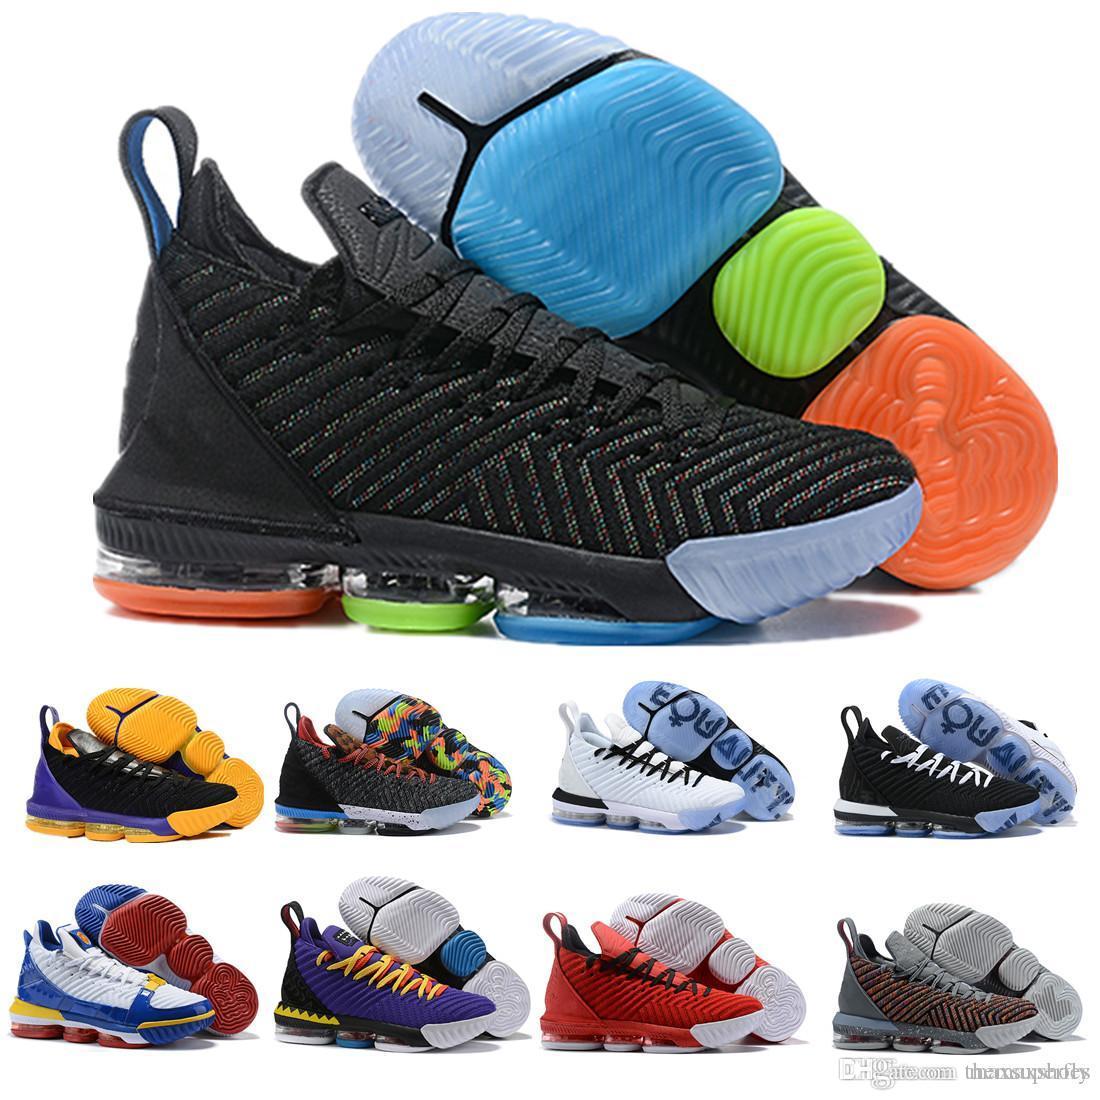 2019 LB XVI 16 16 s PE Homens Sapatos de Basquete Mulheres Rainbow Trono Preto Violeta Ouro James Trainers Calçados Esportivos Designer Tênis Tamanho 40-46